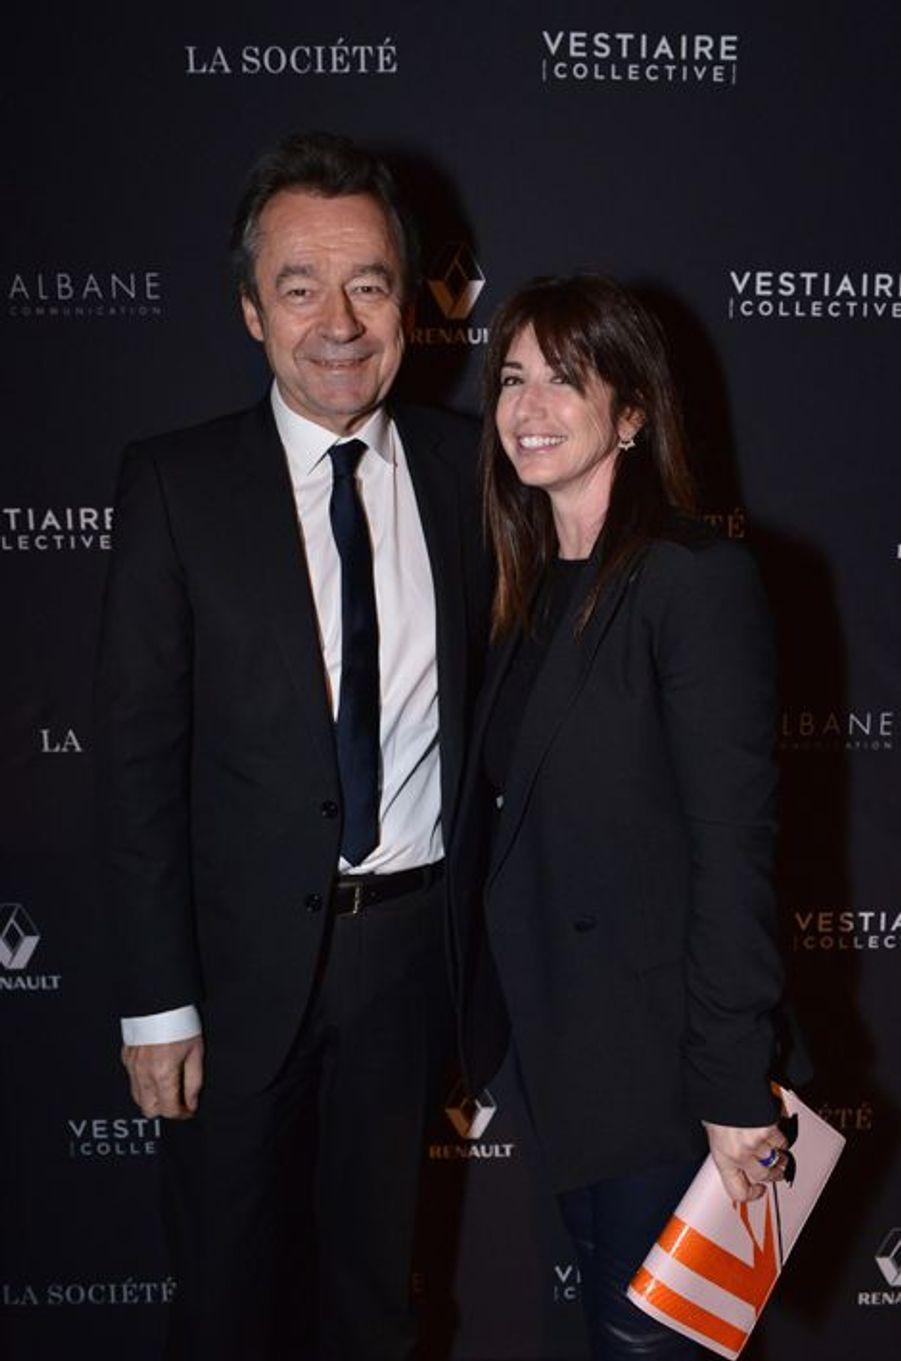 Michel Denisot et Albane Cleret à Paris le 5 février 2015